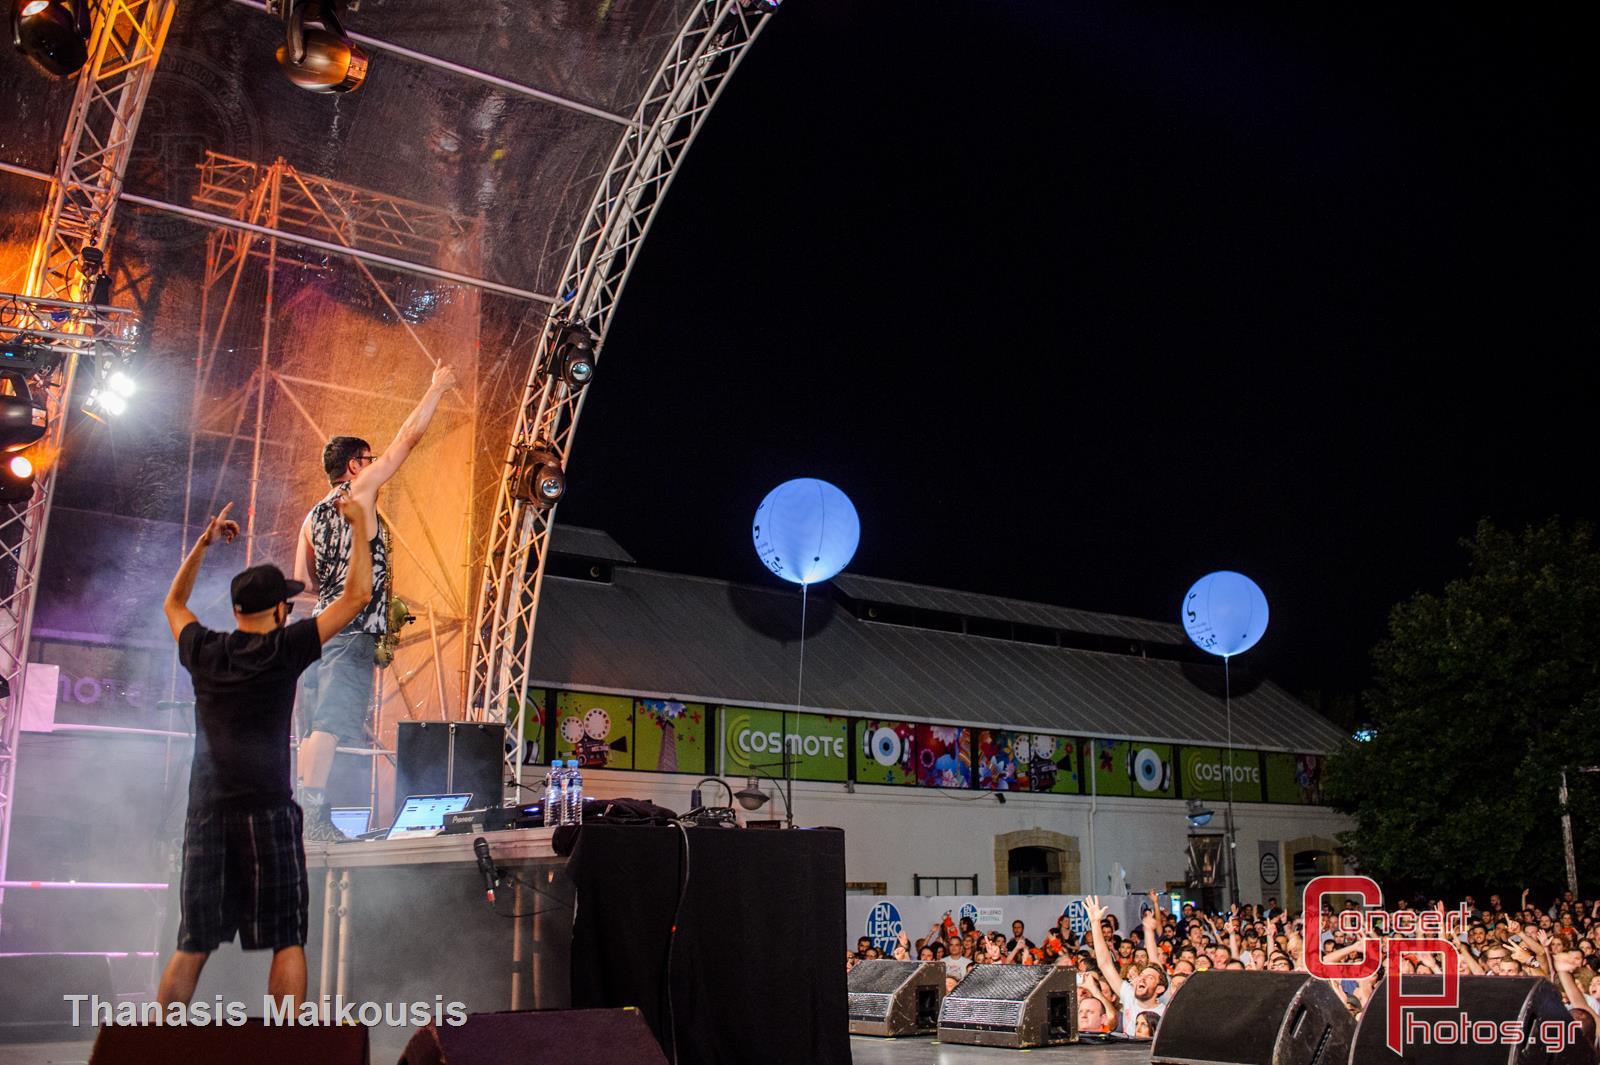 En Lefko 2014-En Lefko 2014 photographer: Thanasis Maikousis - concertphotos_20140621_22_32_49